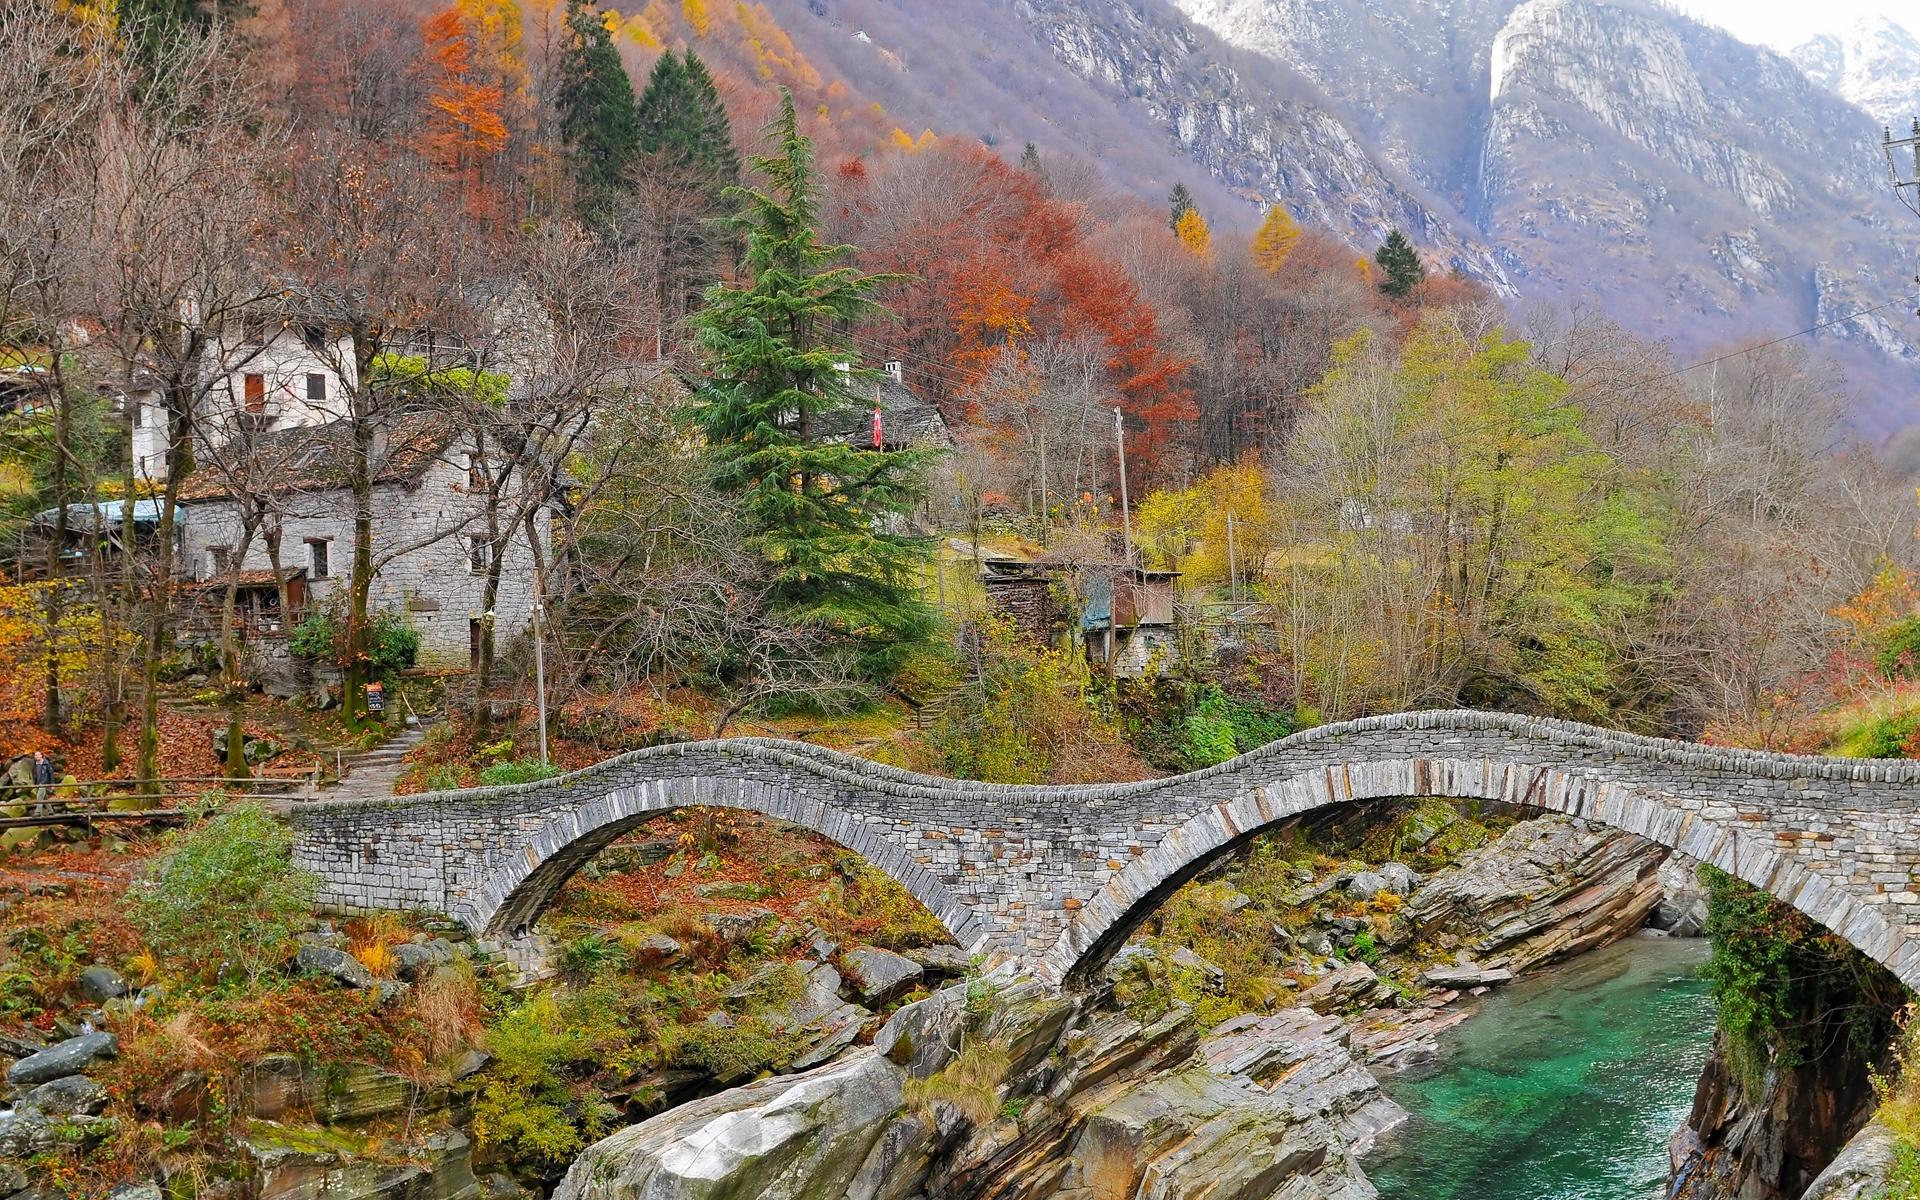 Мост через речку в ущелье  № 2239352 загрузить